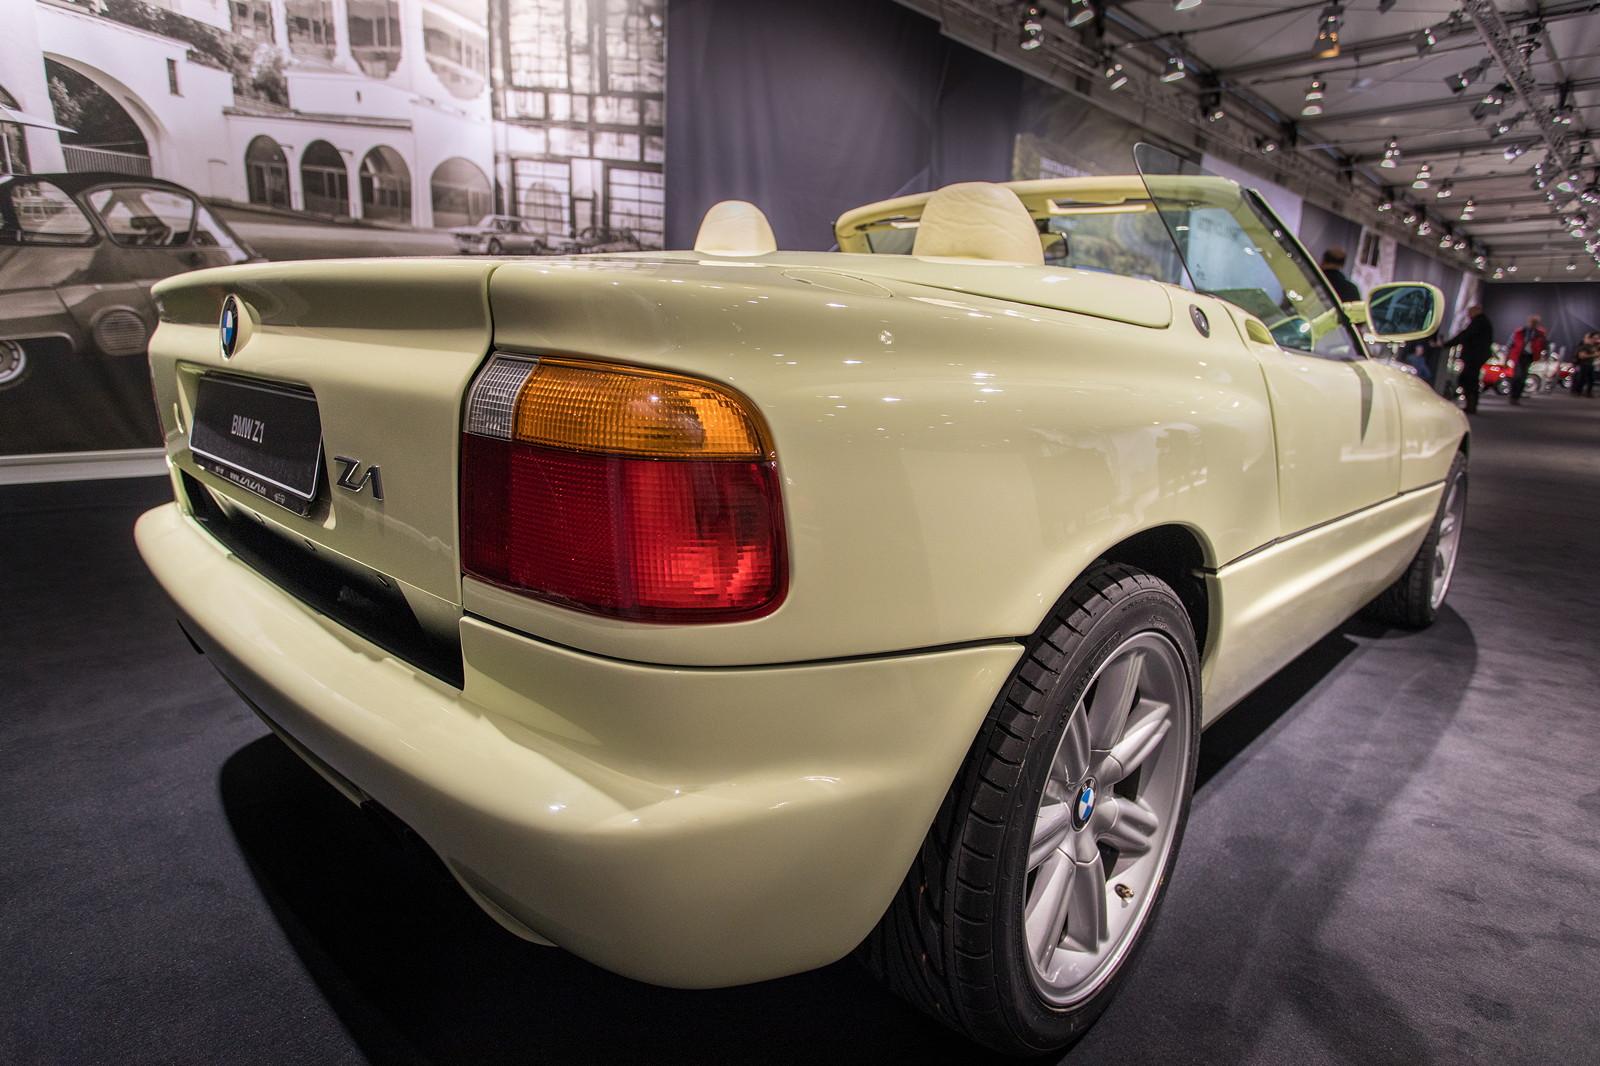 Foto: BMW Z1 mit selbsttragendem Rahmengerüst bzw. Monocoque, um ...